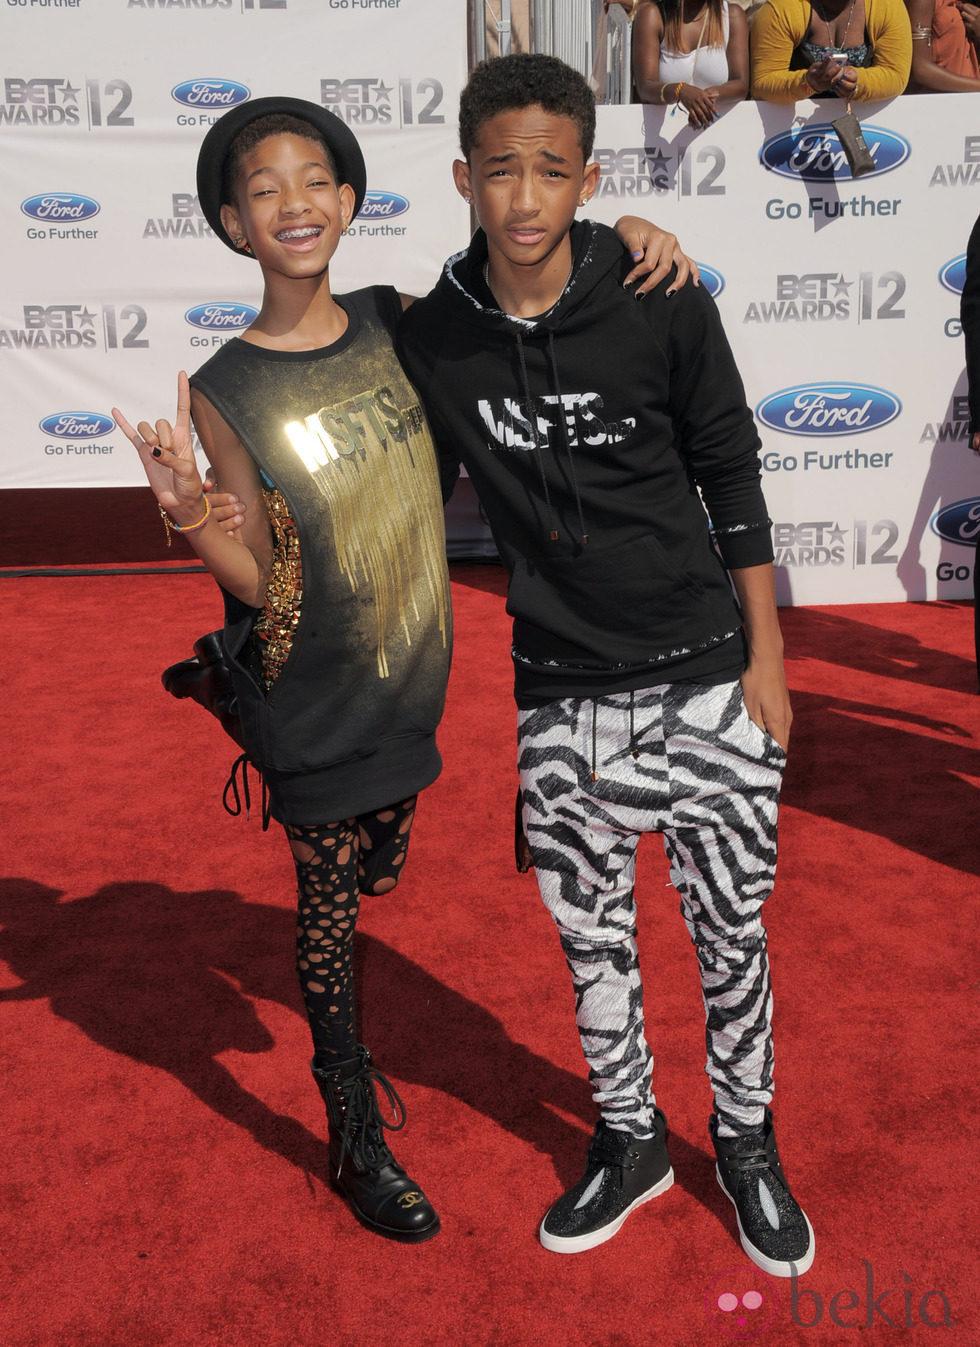 Jaden Smith y Willow Smith en los Bet Awards 2012